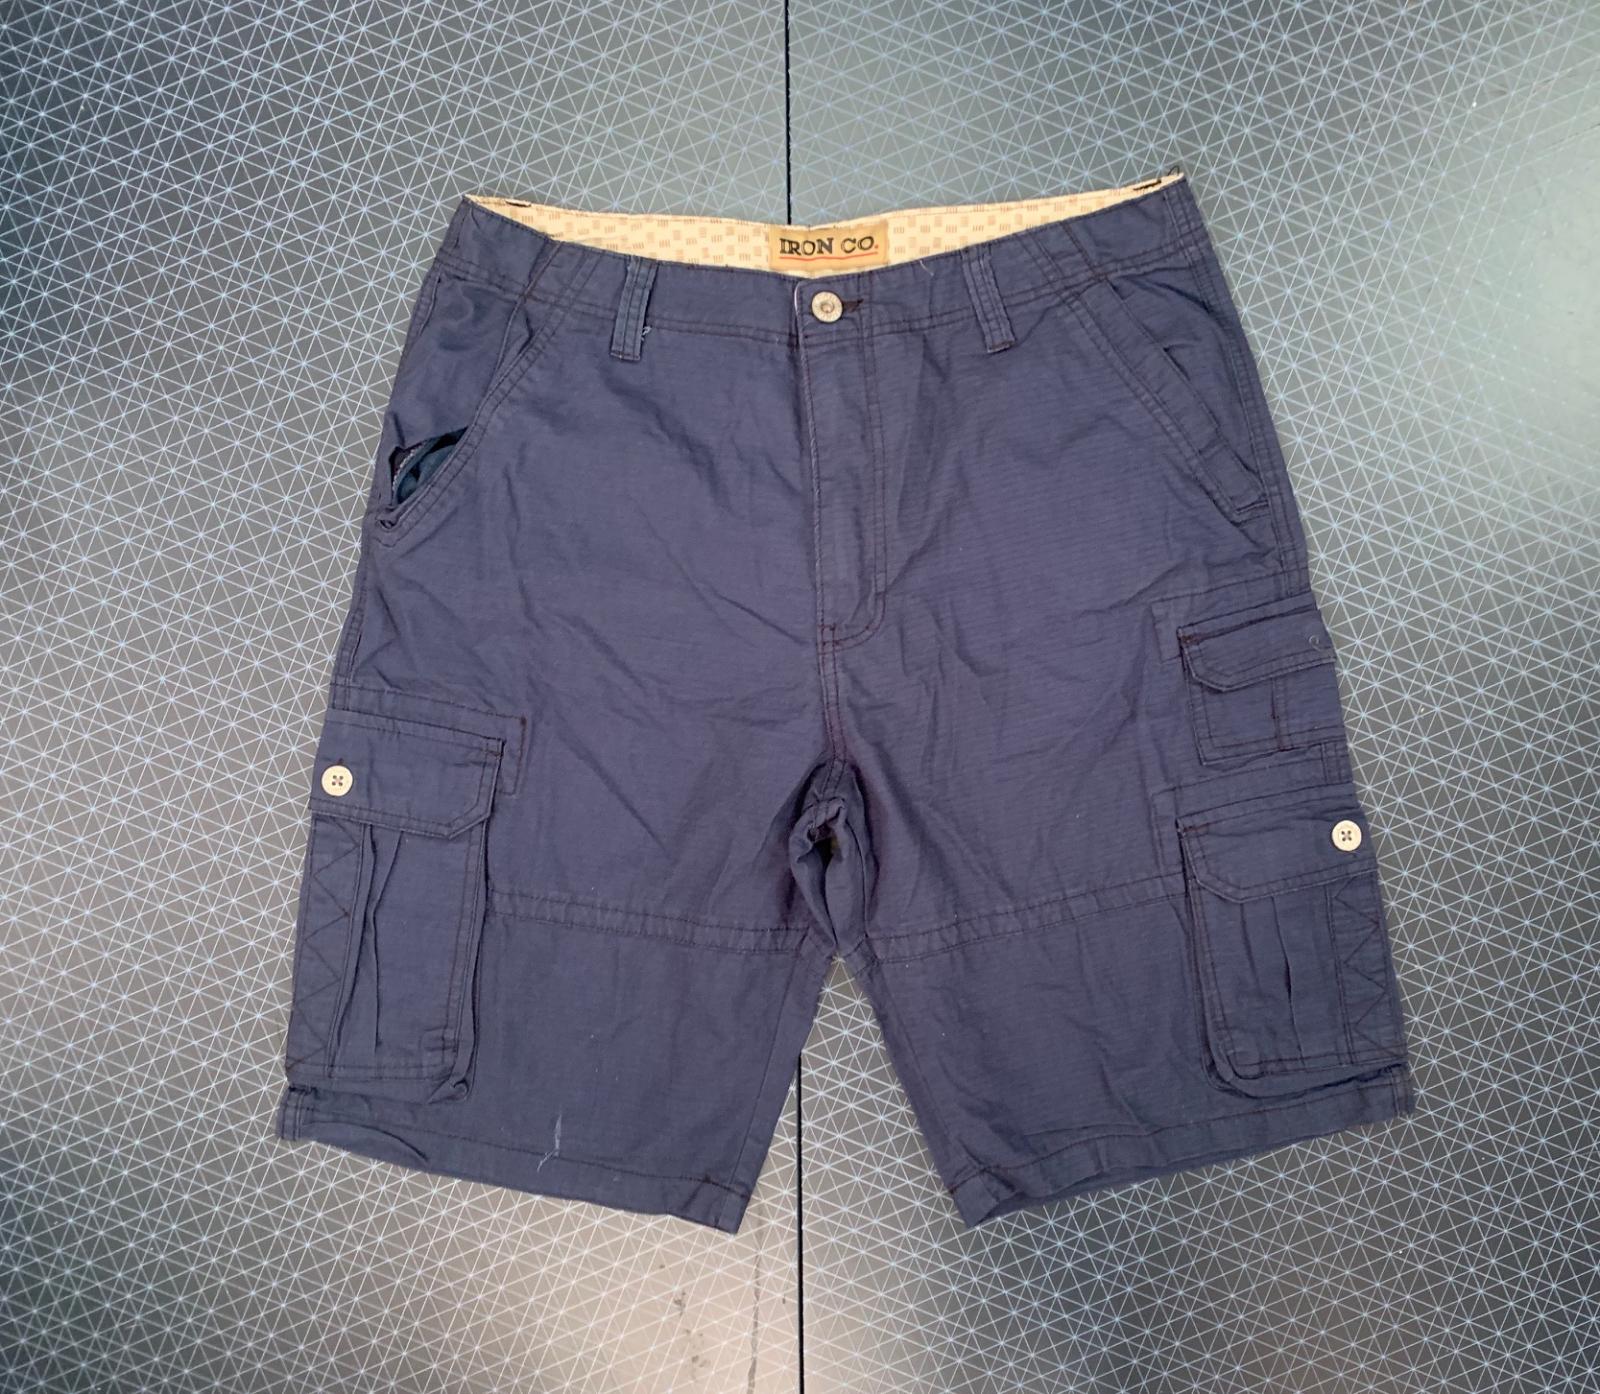 Стильные шорты с карманами от  IRON CO